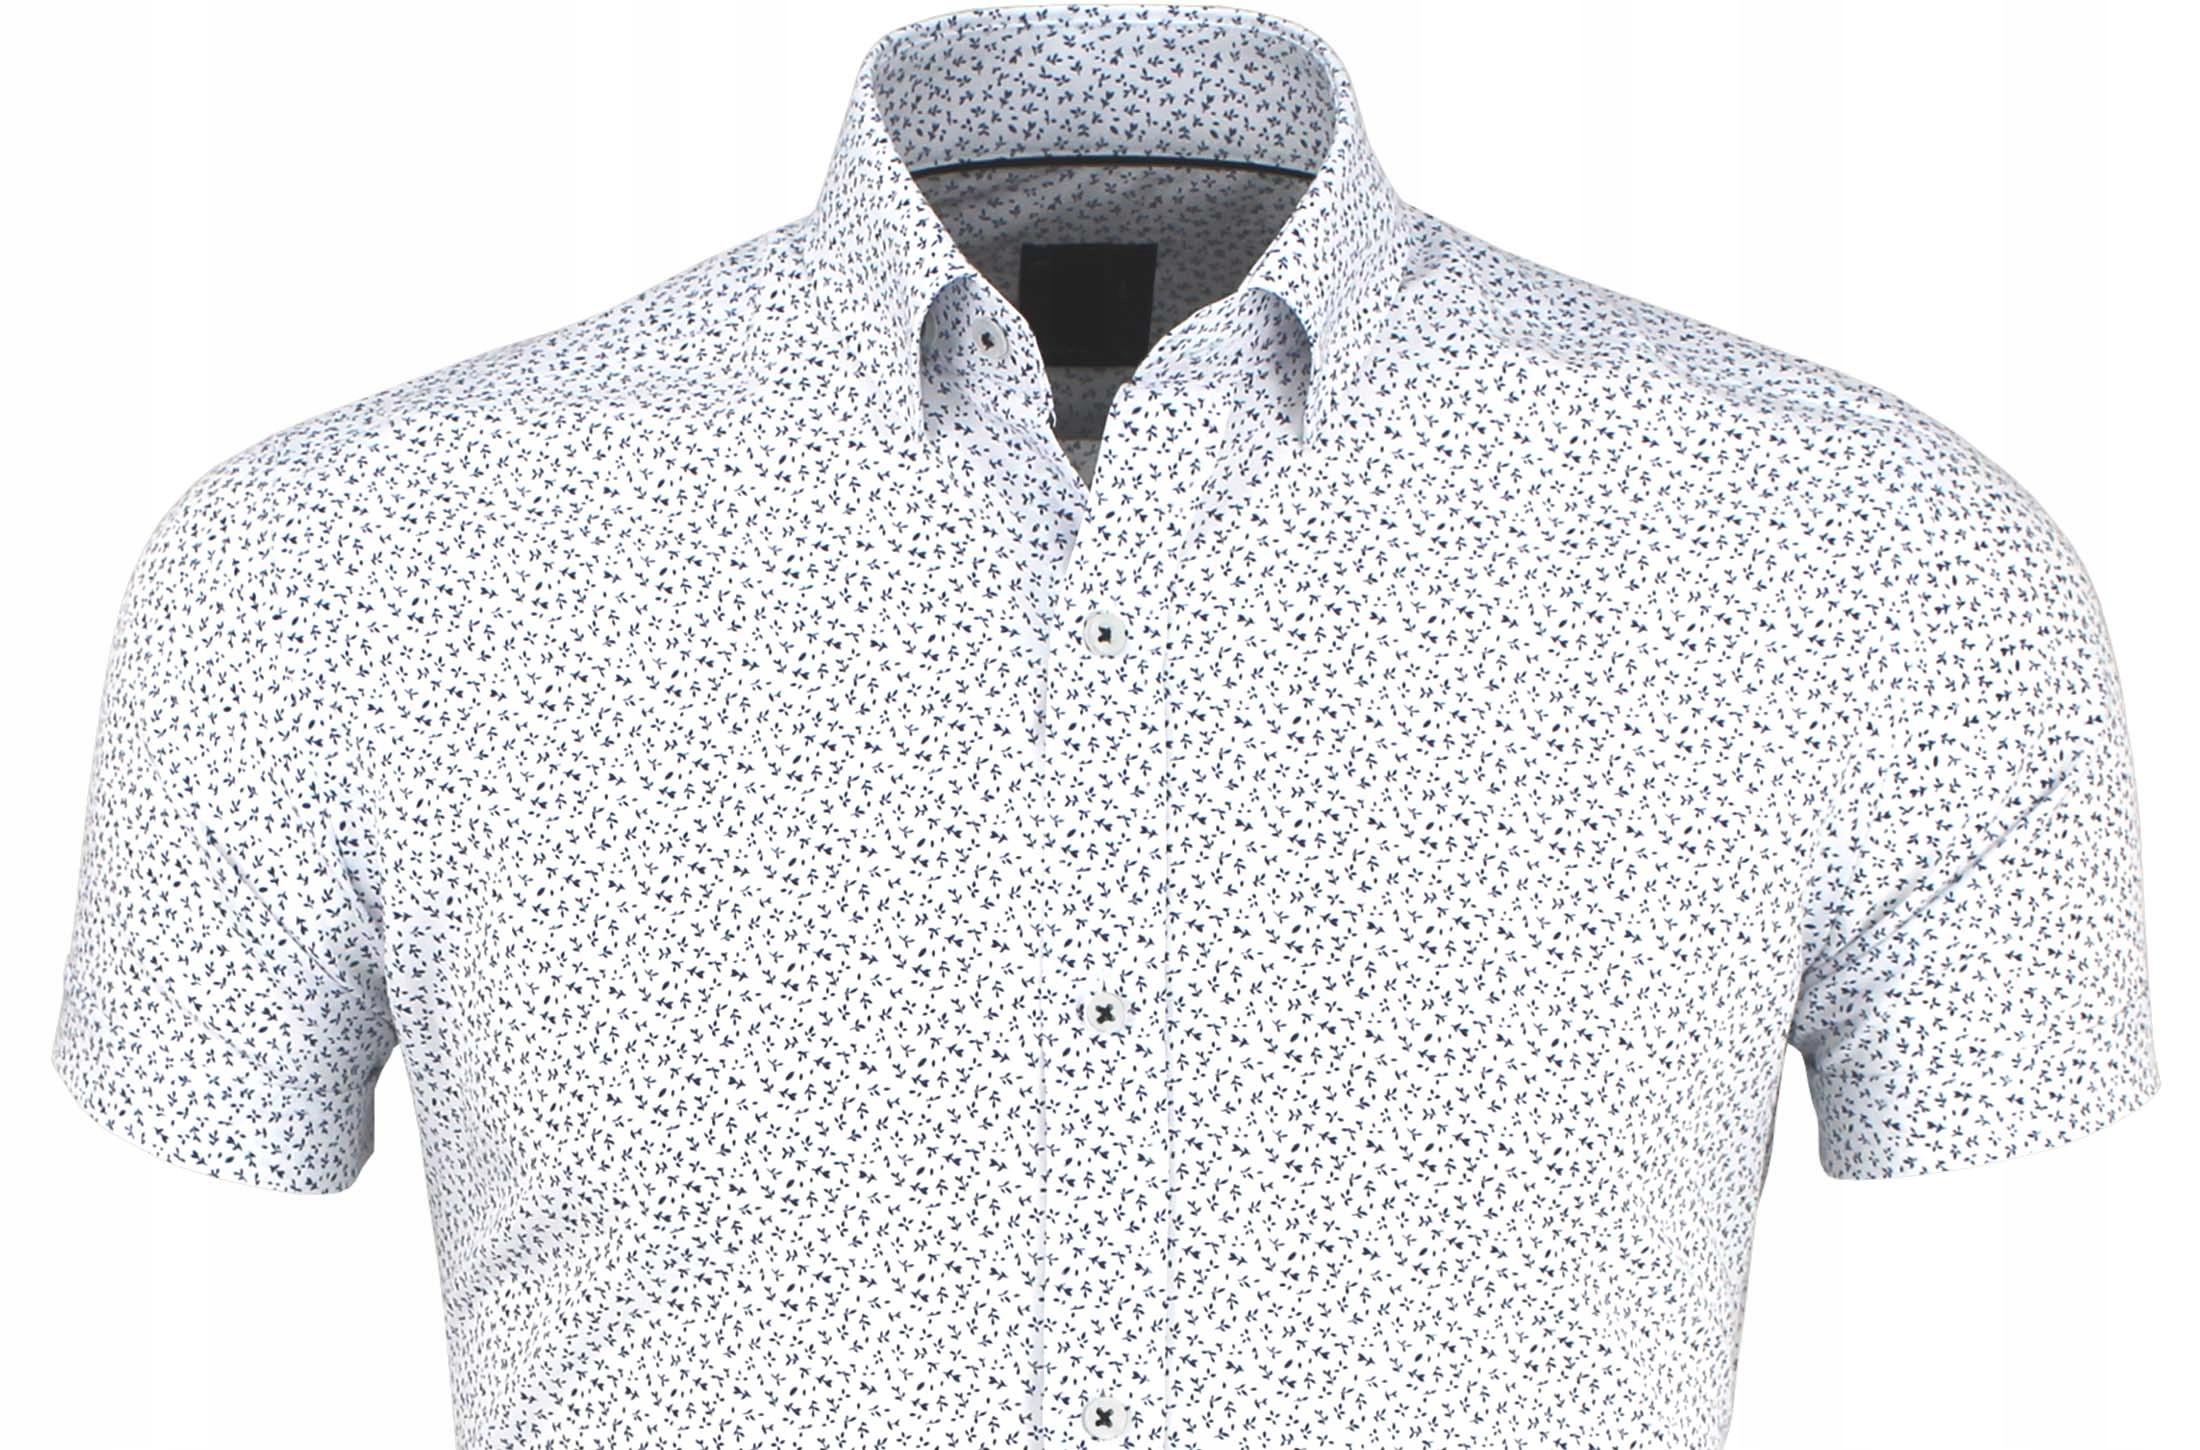 Biała Koszula Męska w Kwiatuszki Kr.Rękaw XXL 3046  e74bQ